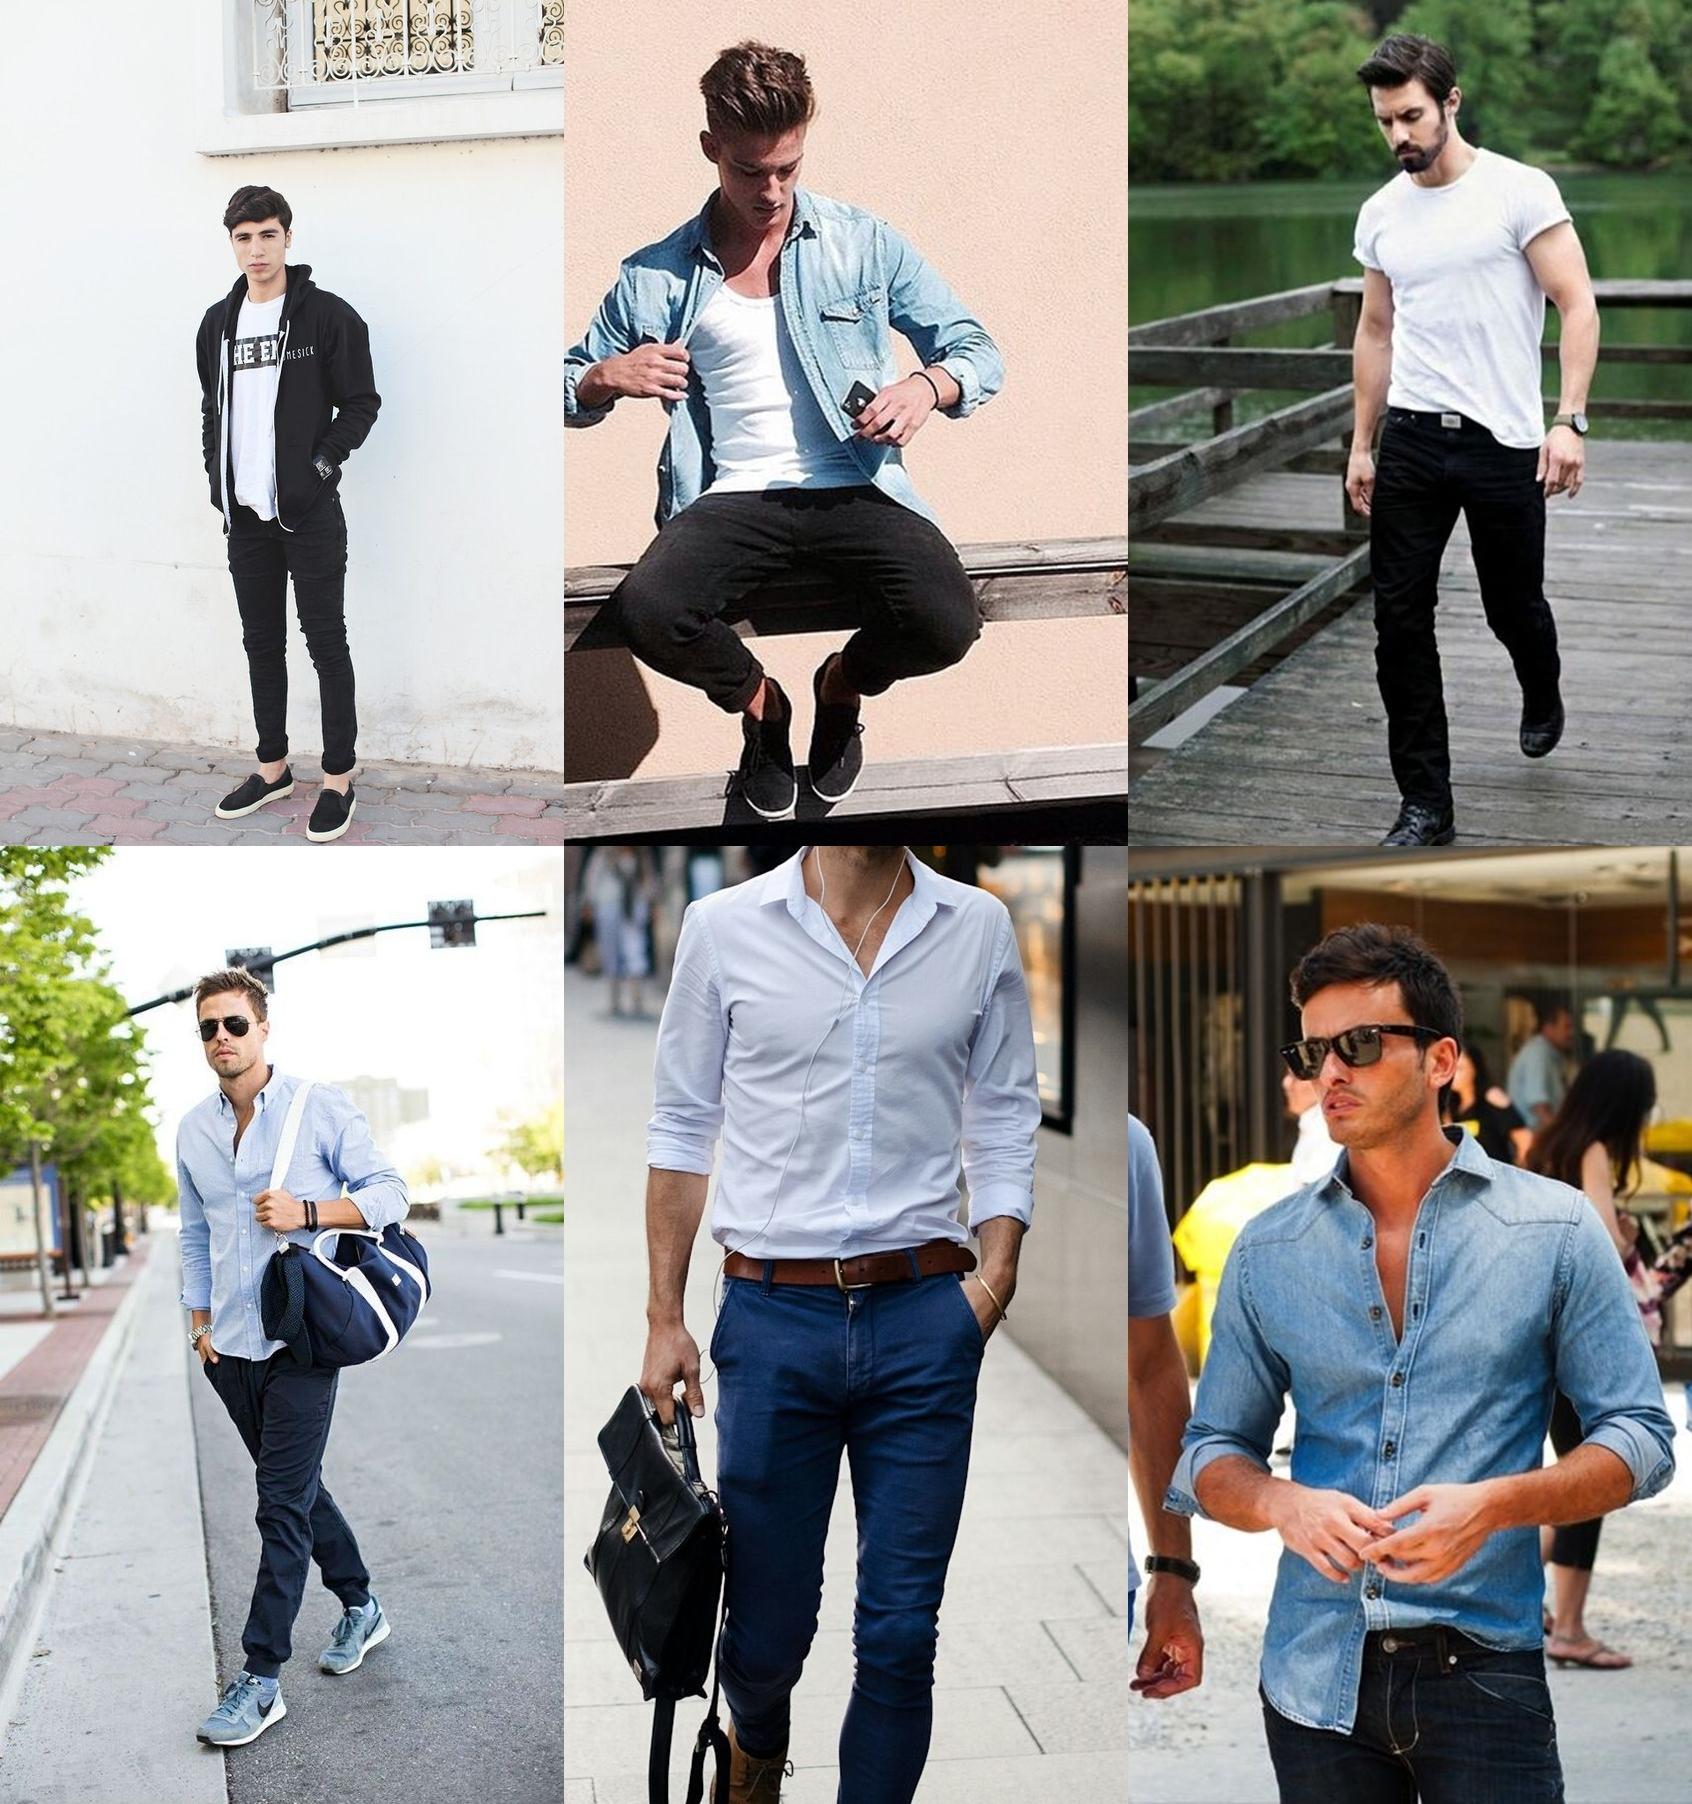 dicas de estilo para homens baixo, homens baxinhos, famosos baixos, dicas de moda, dicas de estilo, moda masculina, alex cursino, fashion tips, blogger, youtuber, digital influencer, 2